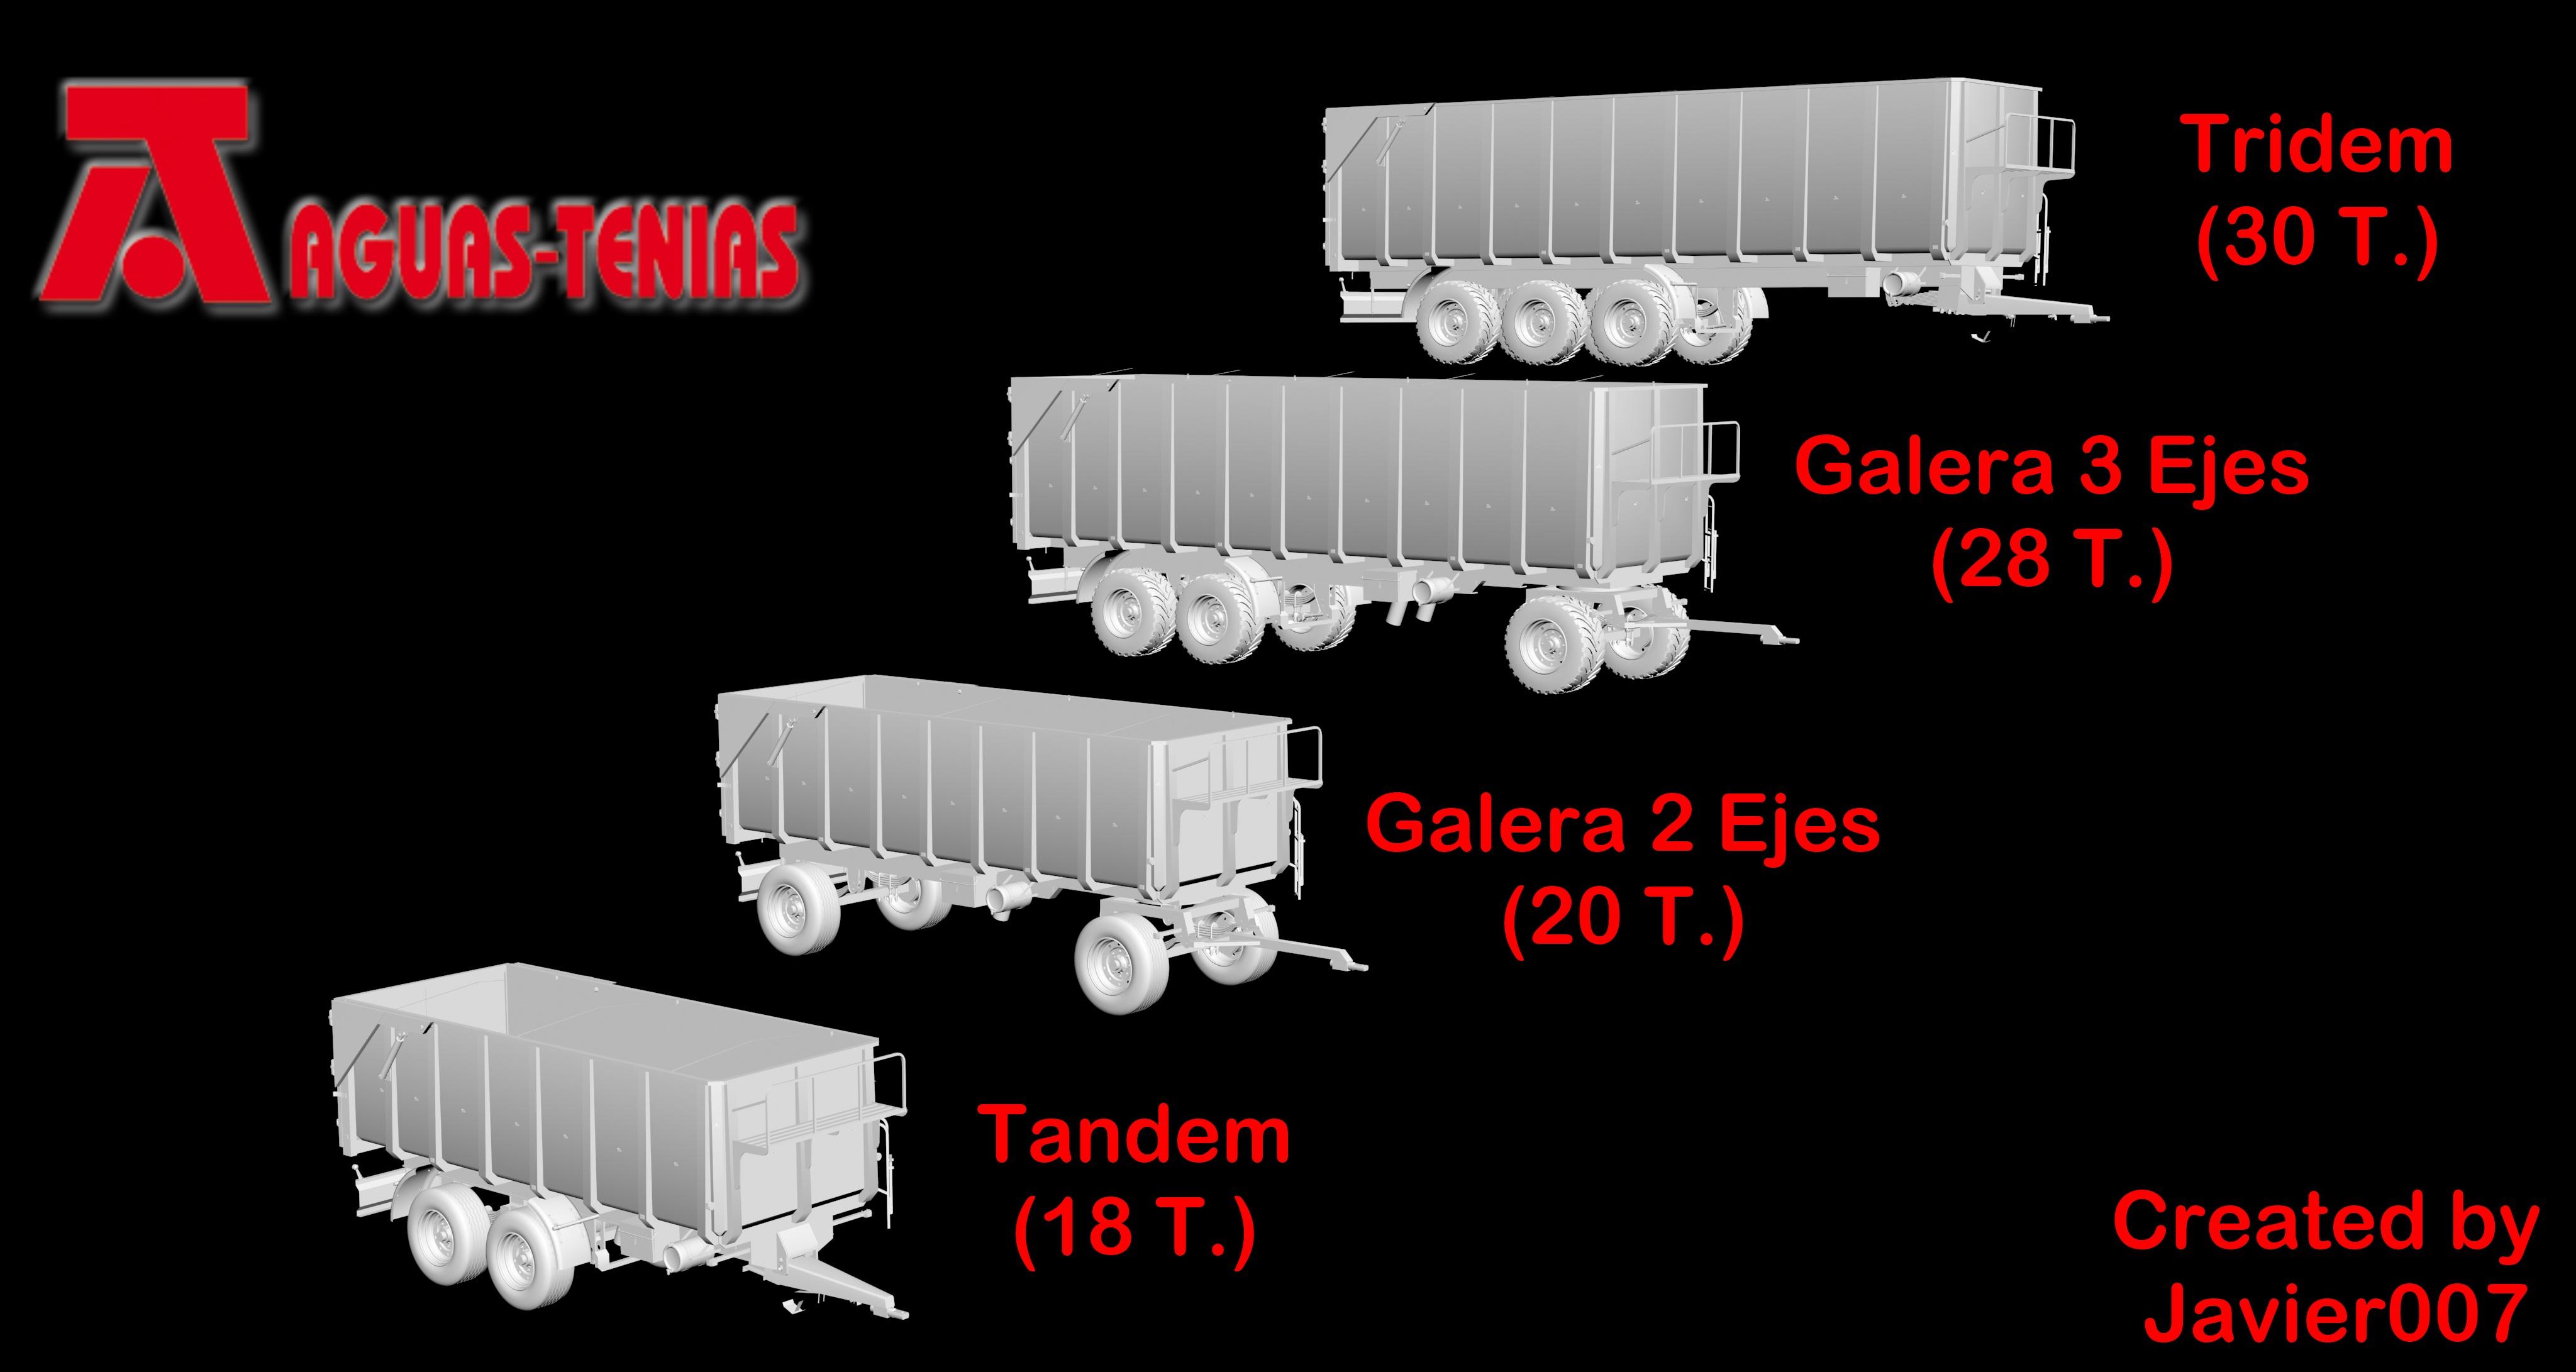 [Encuesta][T.E.P.] Proyecto Aguas Tenias (22 modelos + 1 Camión) [Terminado 21-4-2014]. - Página 2 Los41jxzq